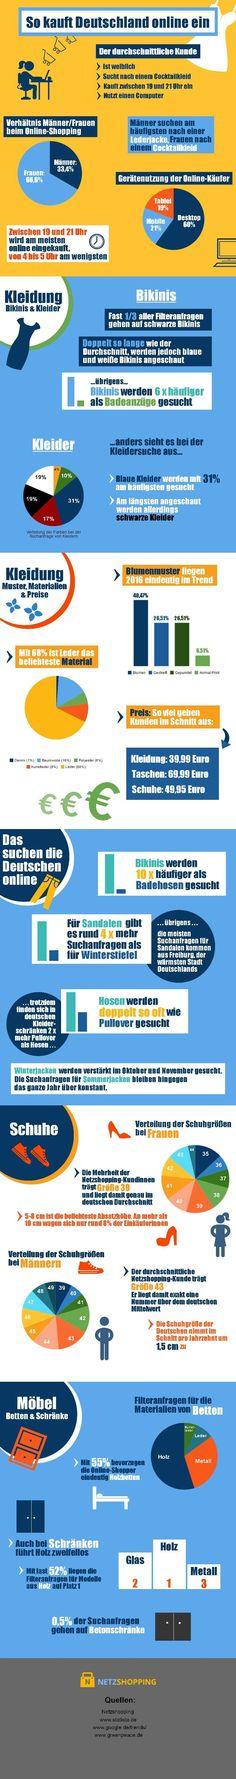 Online-Shopping: Zahlen und Fakten zum Konsumverhalten in Deutschland